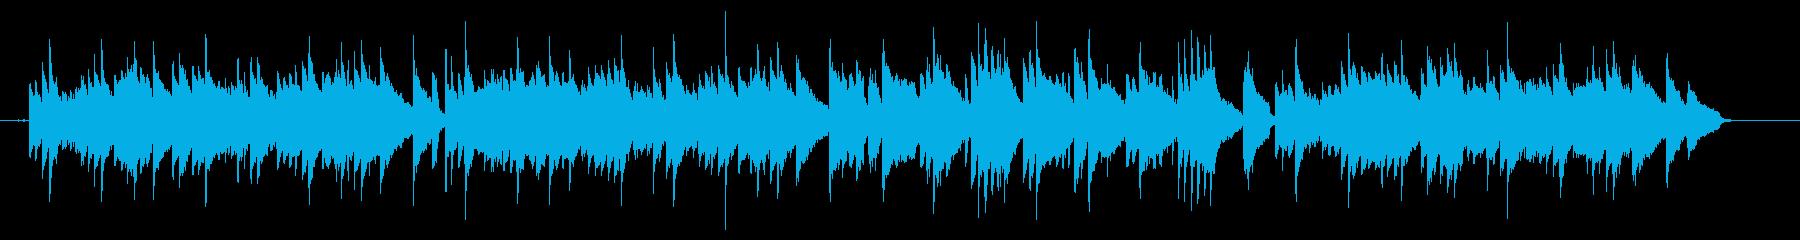 ピアノ主体の少し和風なヒーリング曲の再生済みの波形